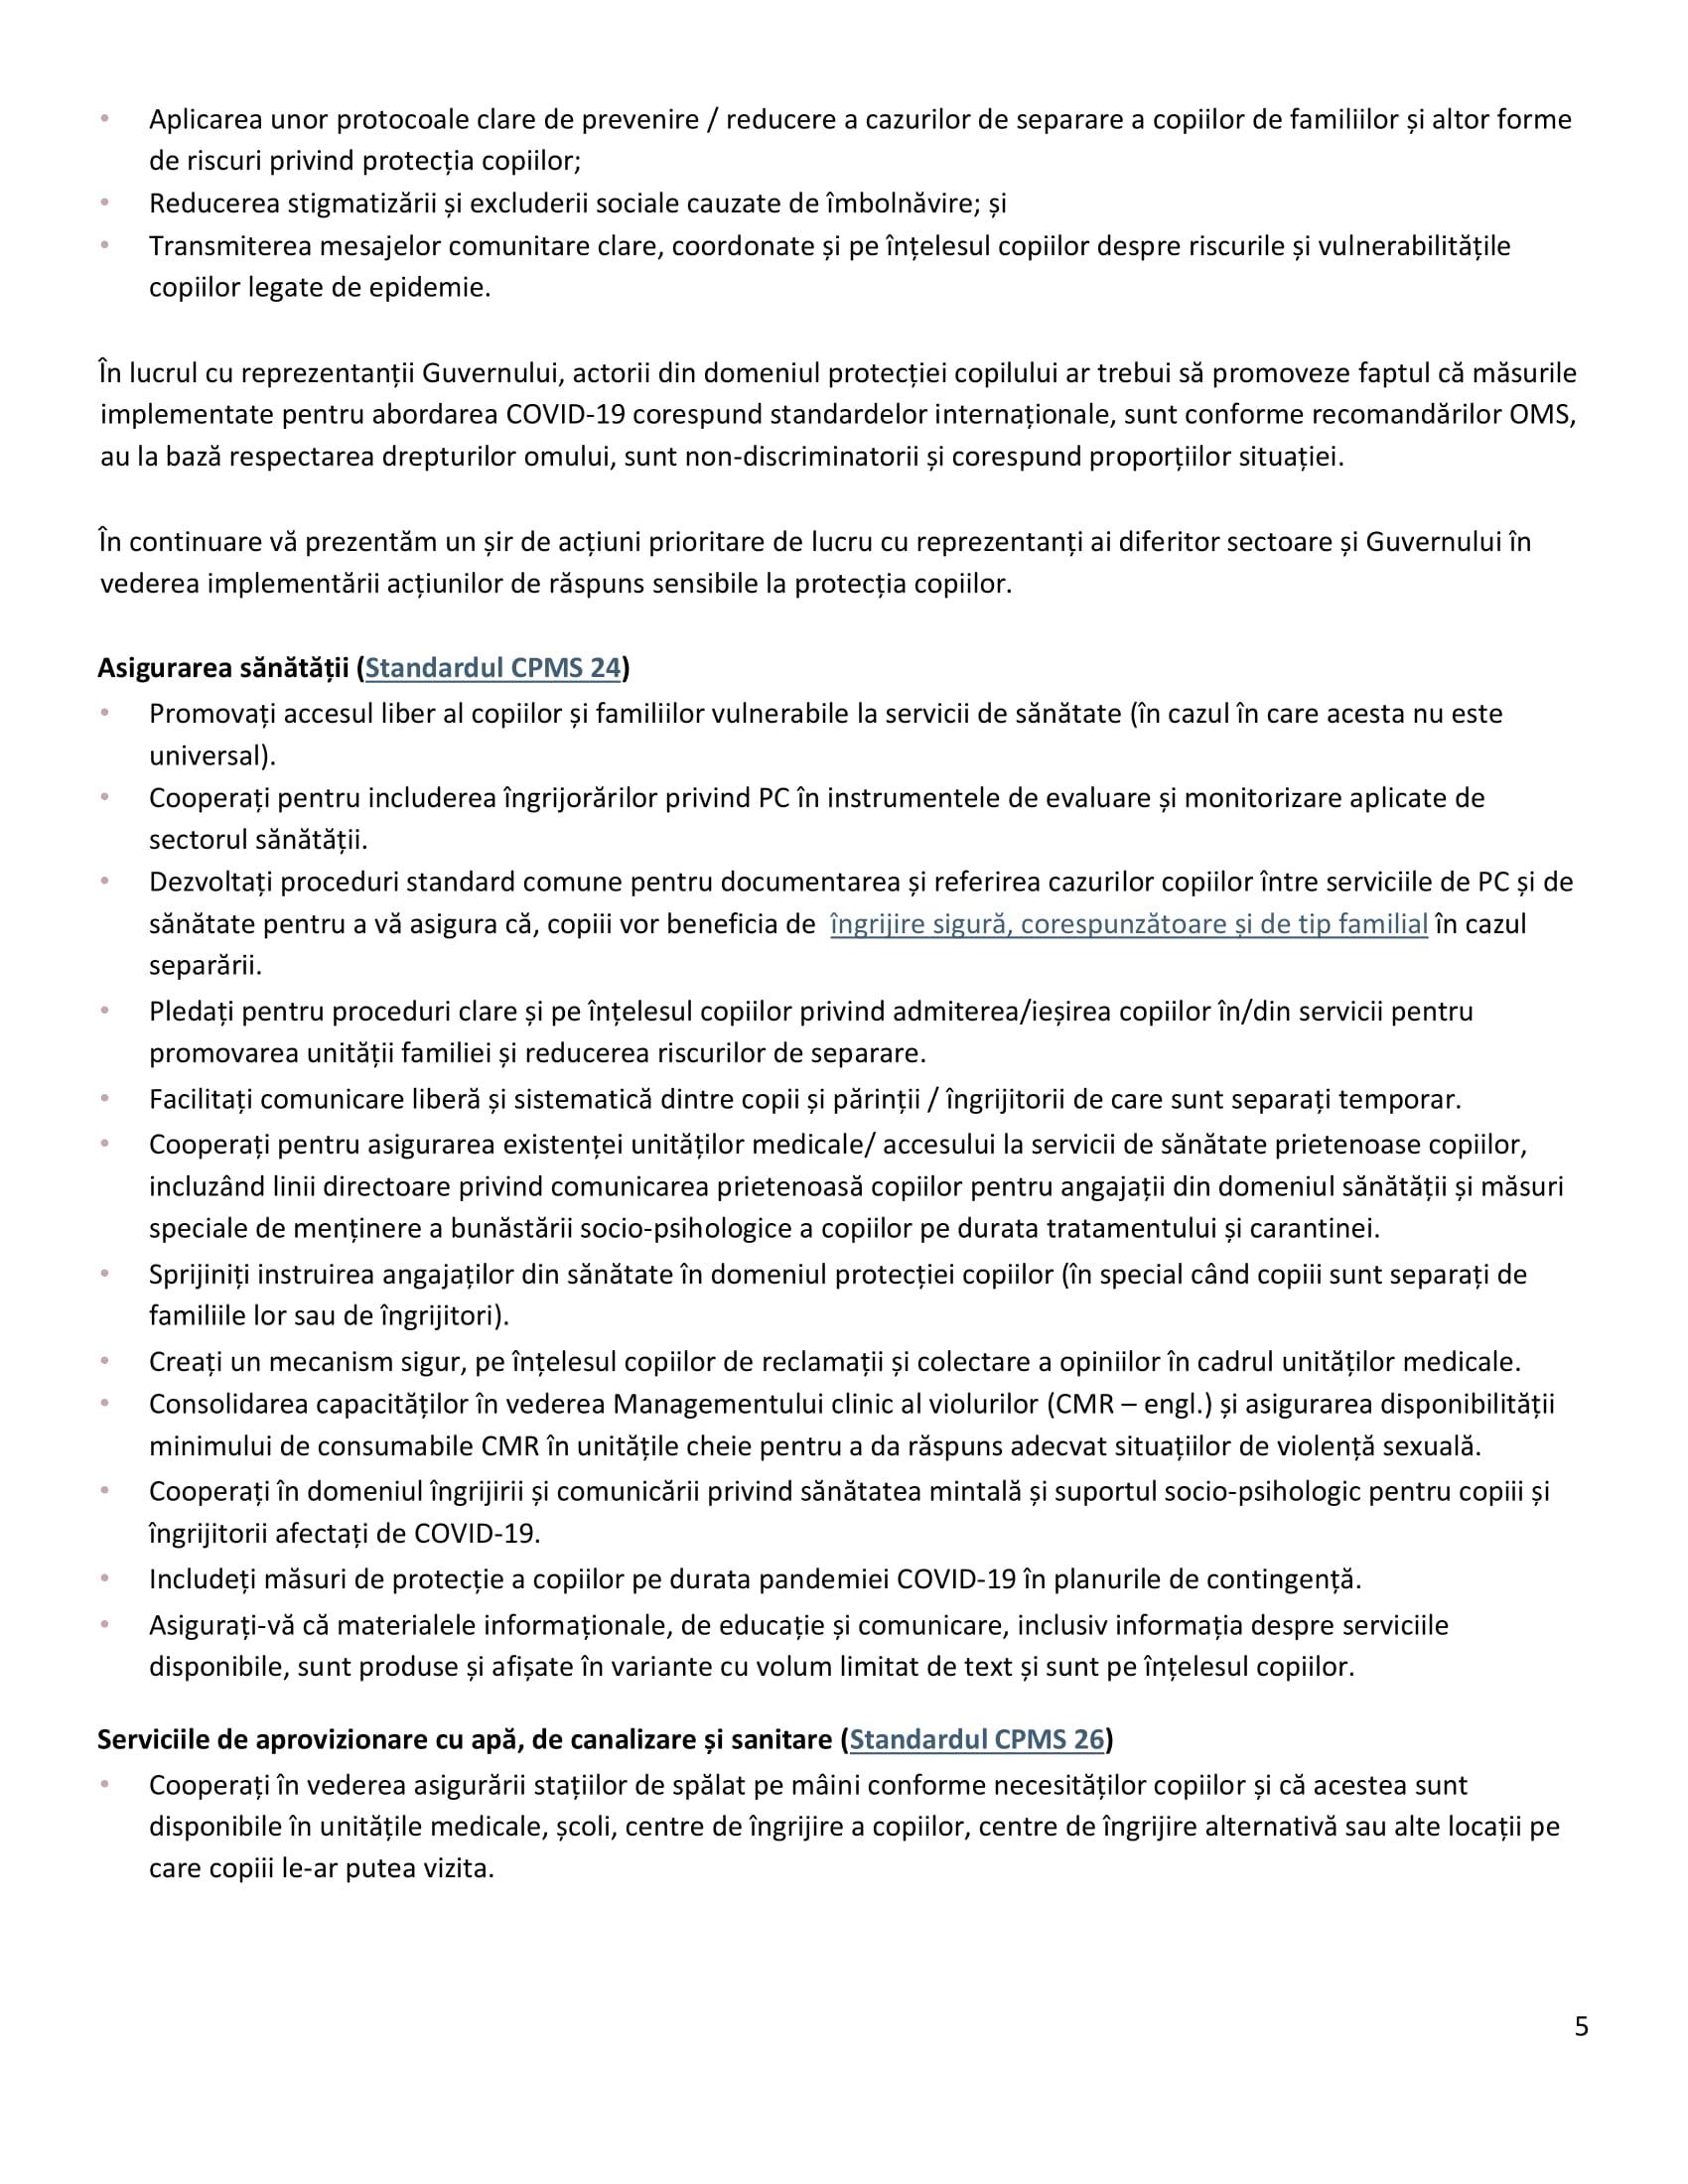 acpha_ghidari_protectia_copilului_covid_19-5